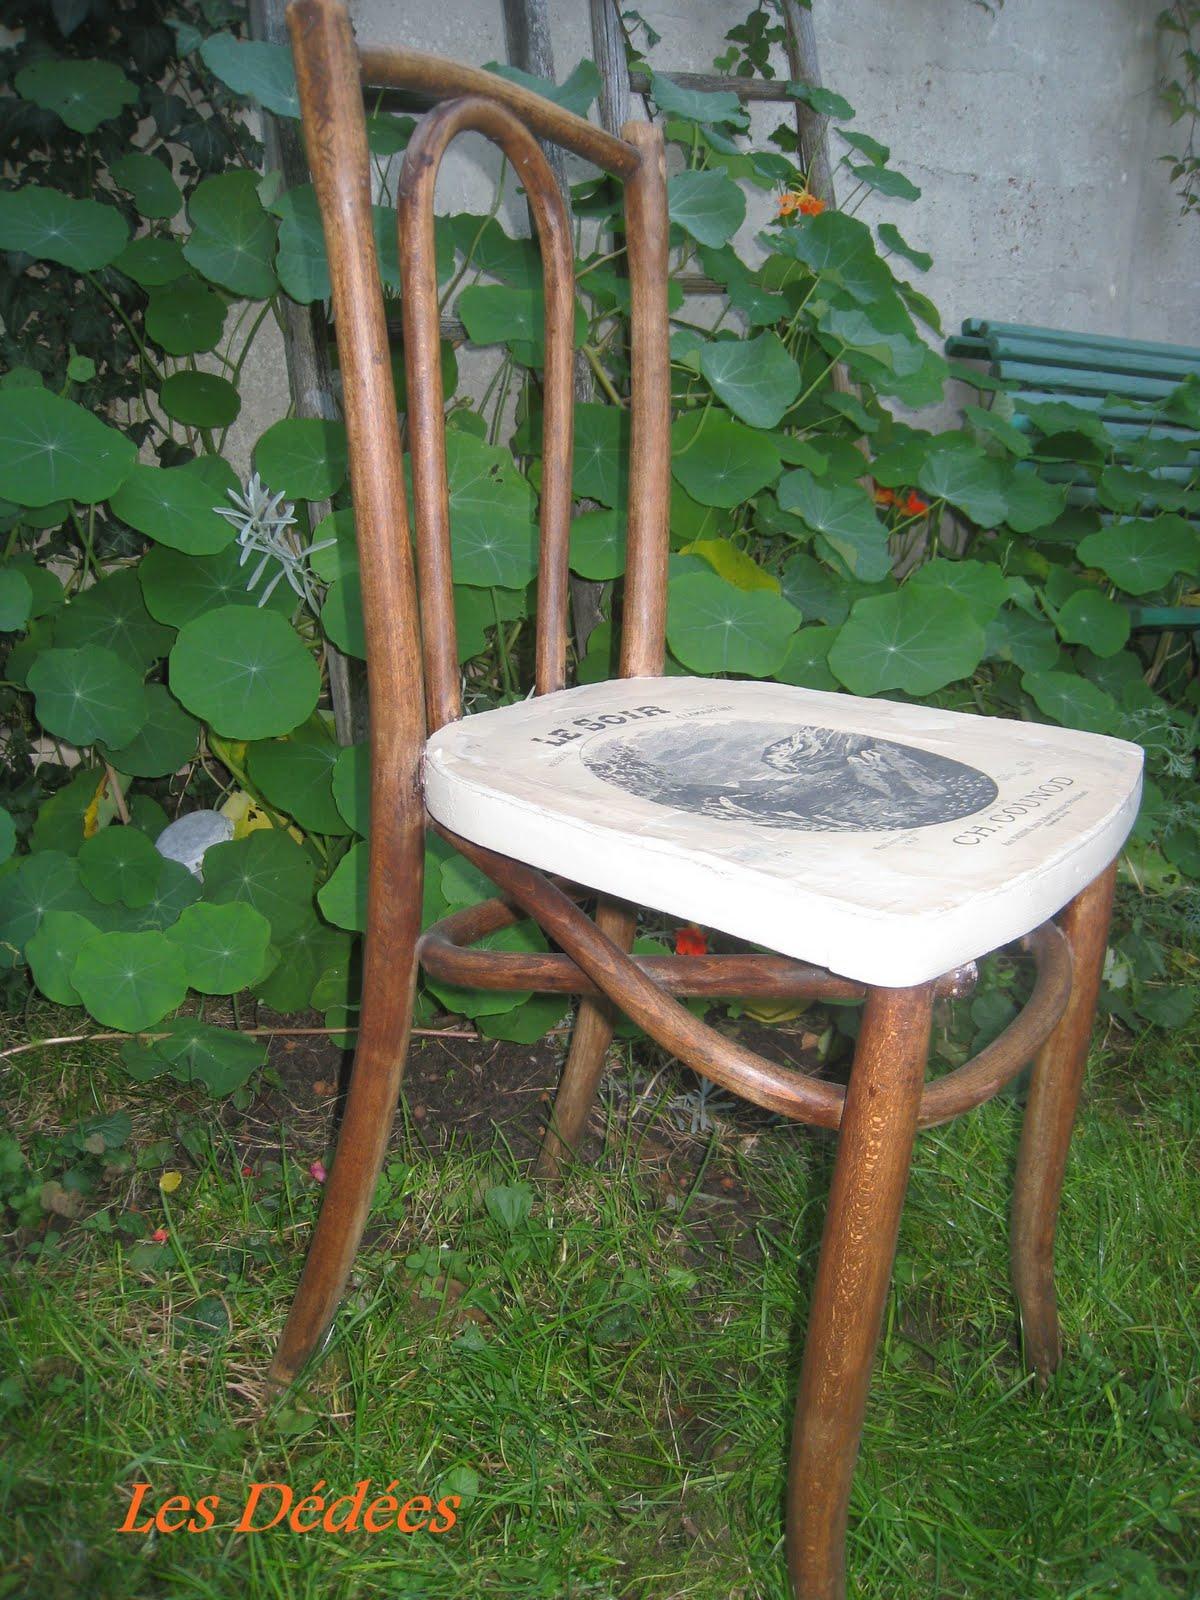 Les Dedees Vintage Recup Creations Chaise Musicale By Anne Tabouret Personnalisé